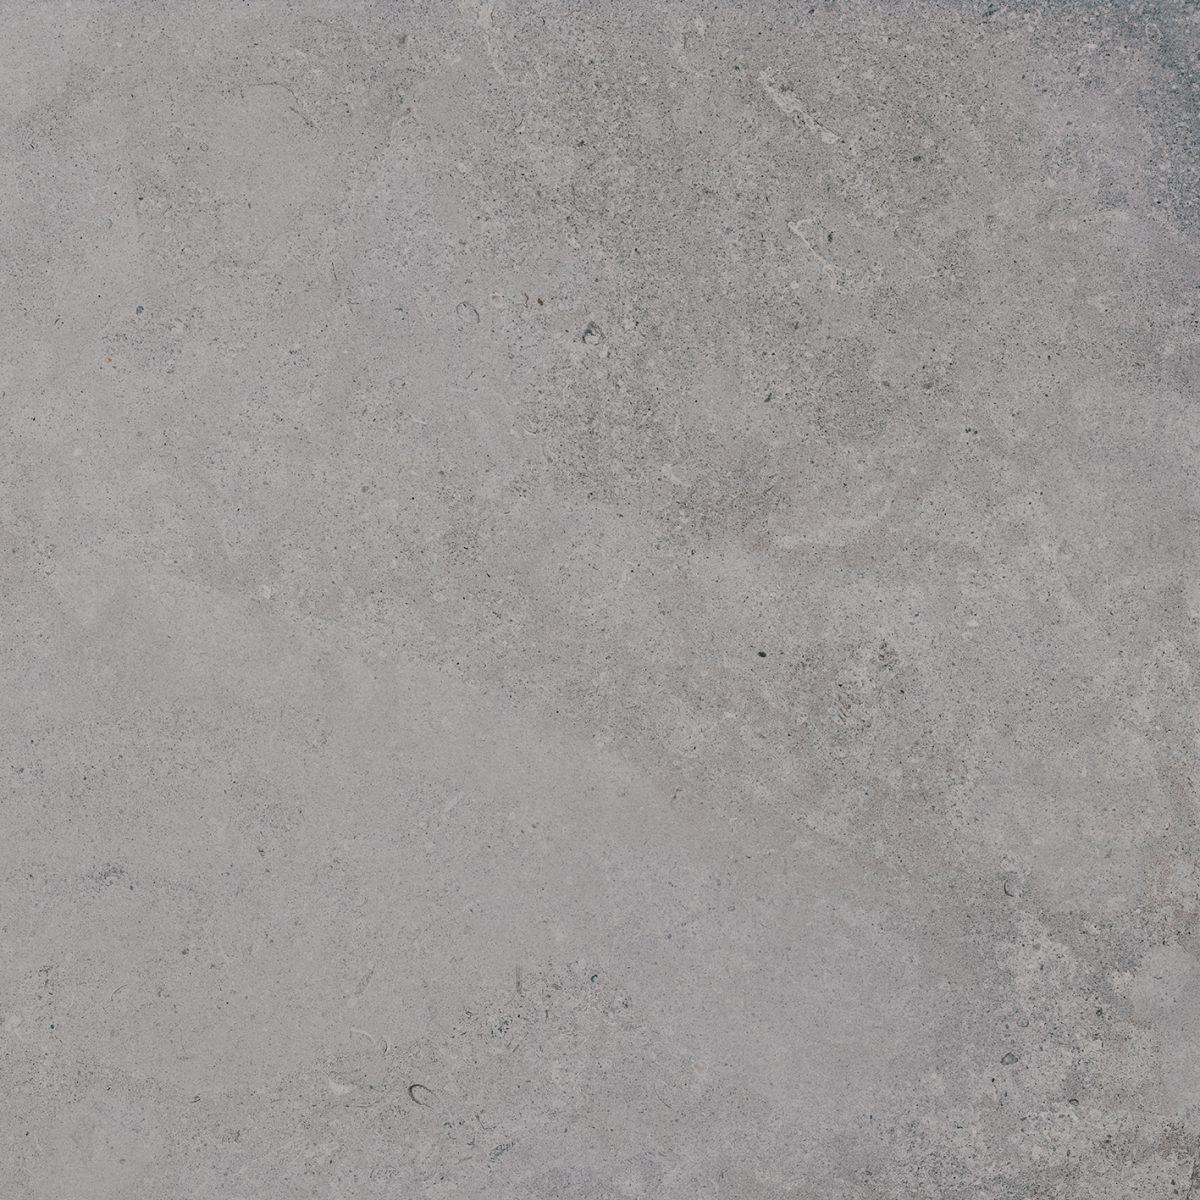 Porcelanosa Berna Acero Anti-Slip 120 x 120 cm